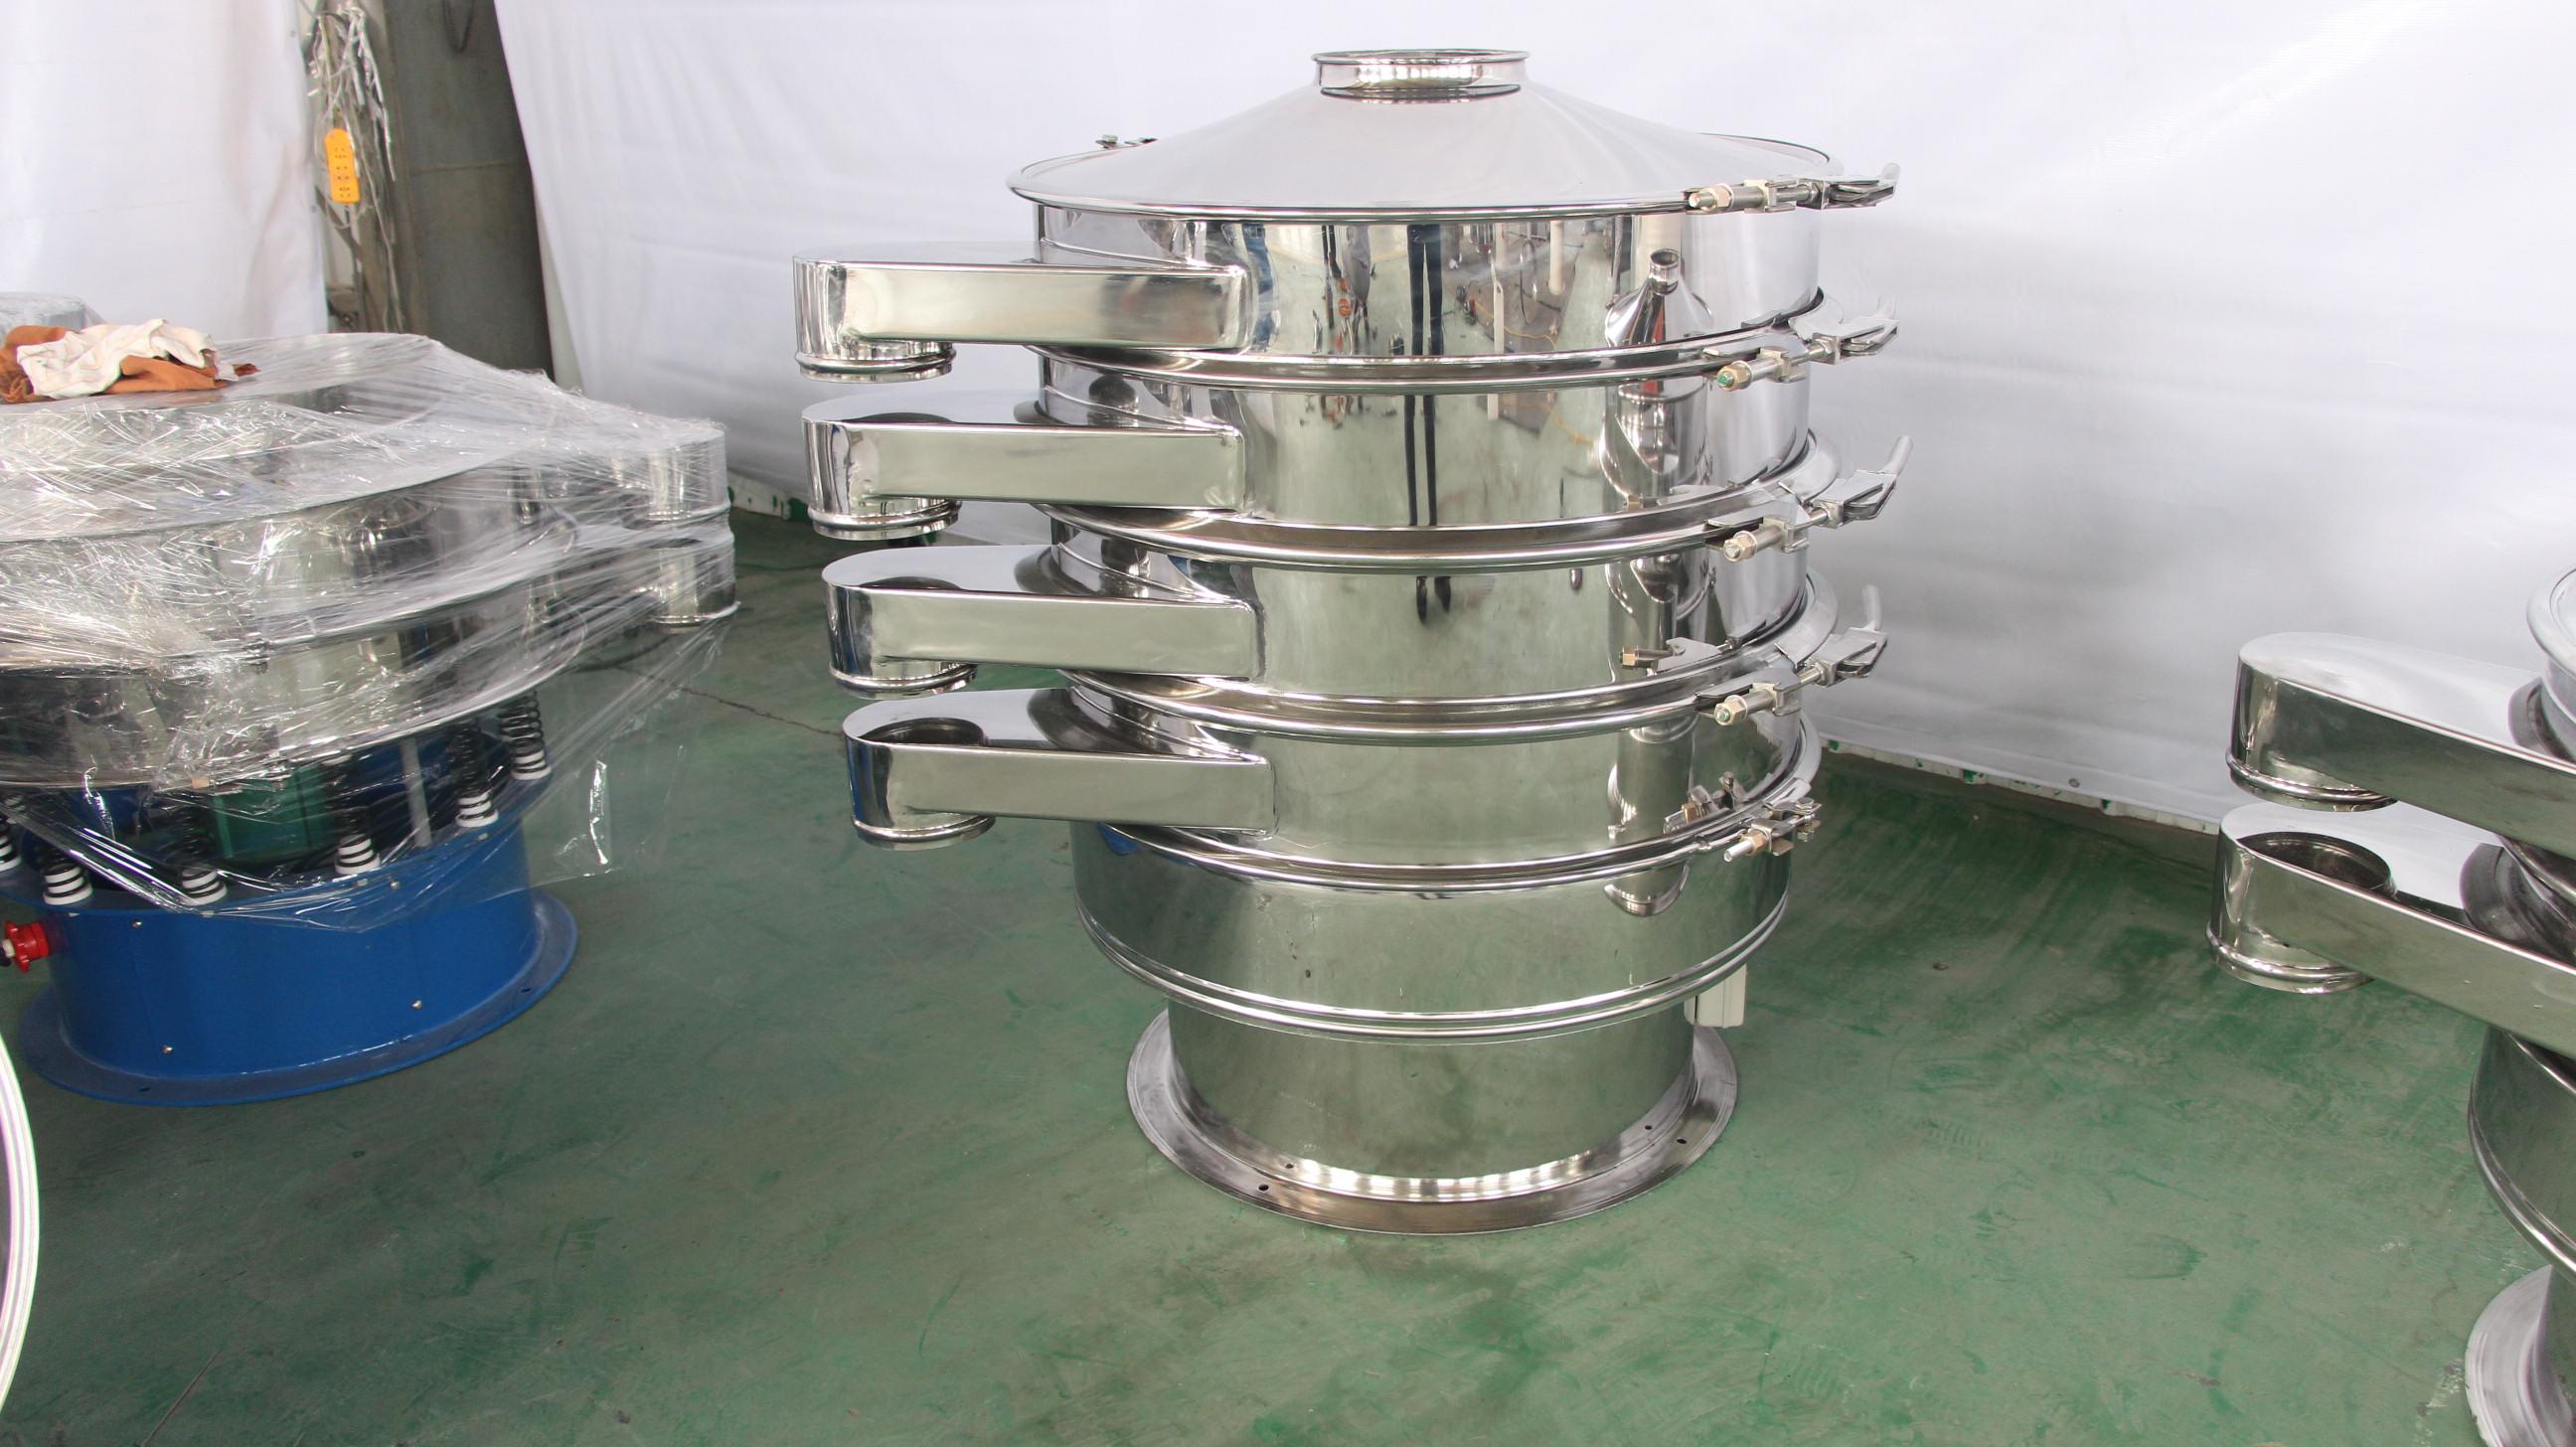 化工用油脱色砂颗粒不锈钢振动筛厂家 按需定制最多可分5级 圆筛筛选机